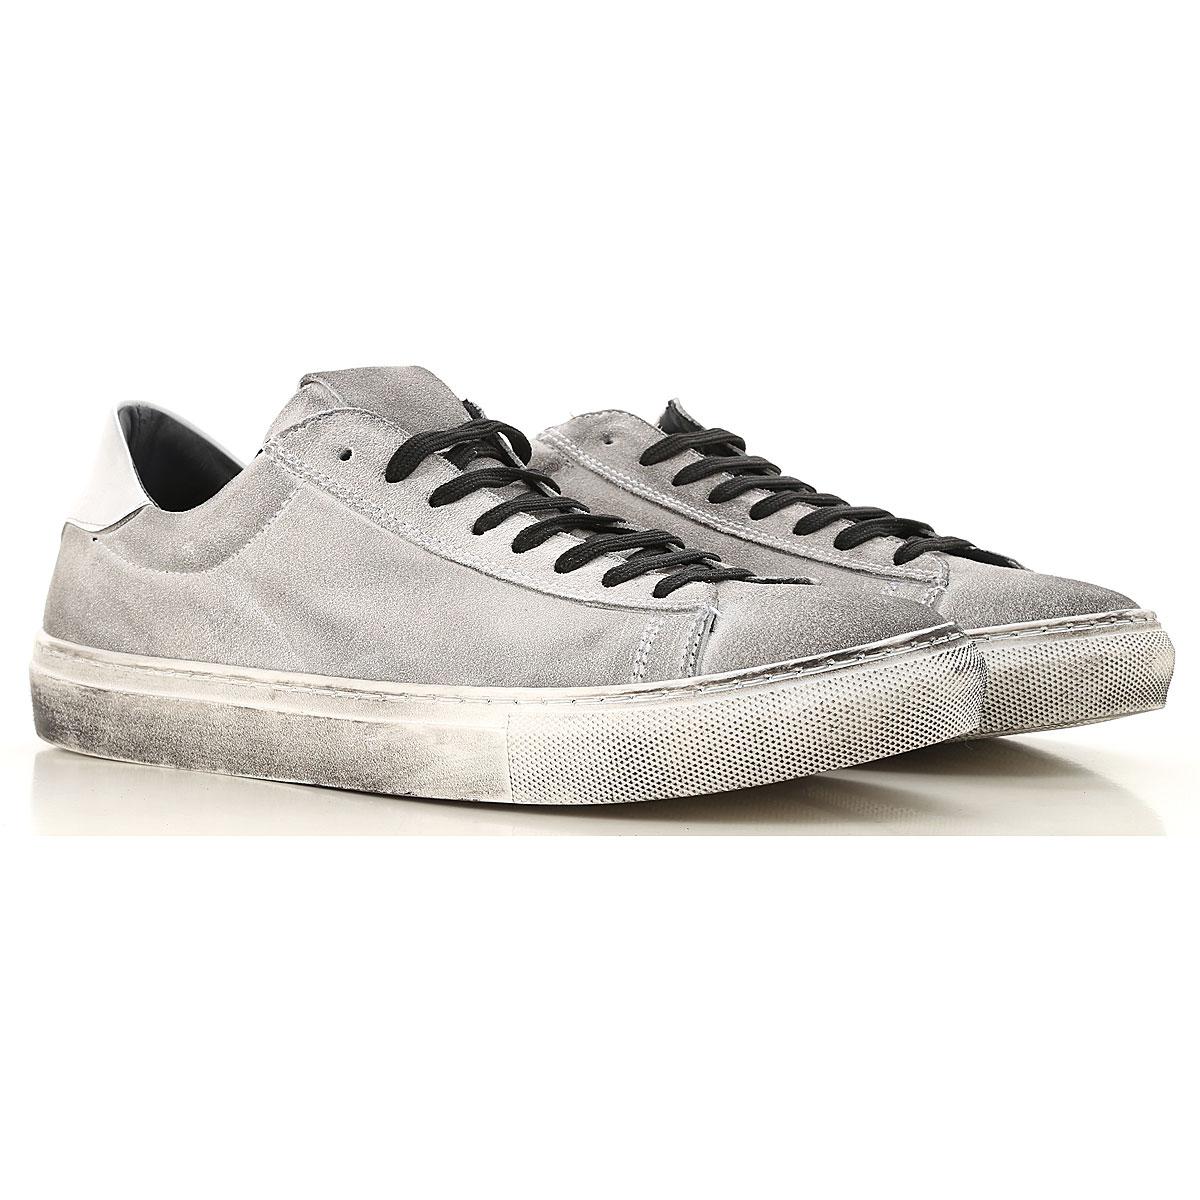 Daniele Alessandrini Sneaker Homme Pas cher en Soldes, Gris Sale, Daim, 2017, 40 41 42 44